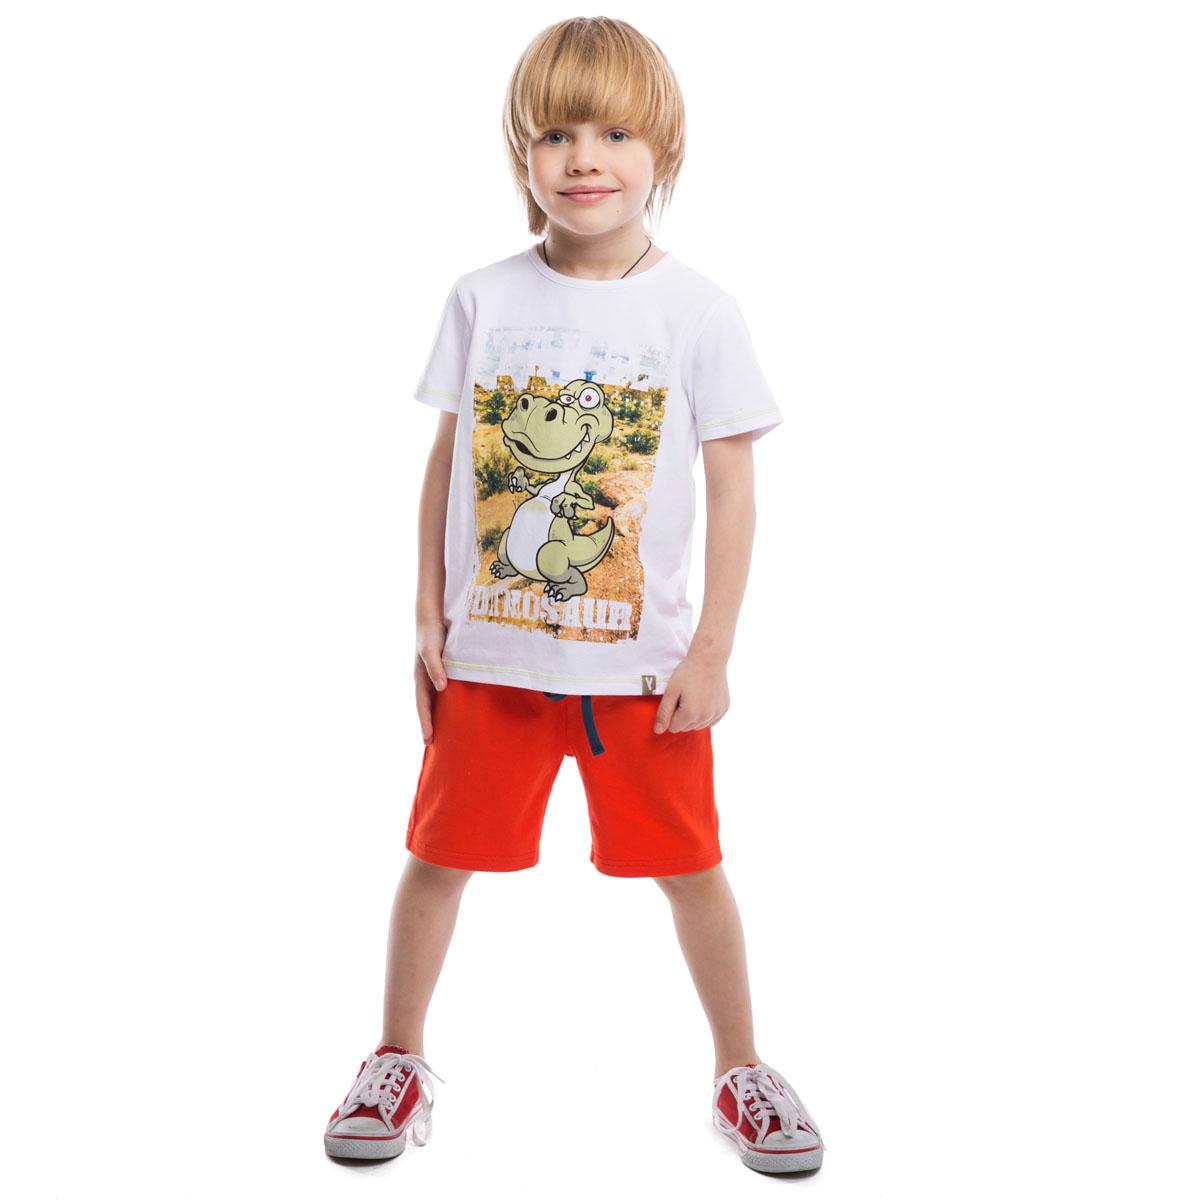 Шорты для мальчиков. 261021261021Комплект из двух пар хлопковых шорт. Цвета - темно-синий и оранжевый. Однотонные, хорошо смотрятся с любыми футболками. Пояс на мягкой резинке, дополнительно регулируется шнурком.